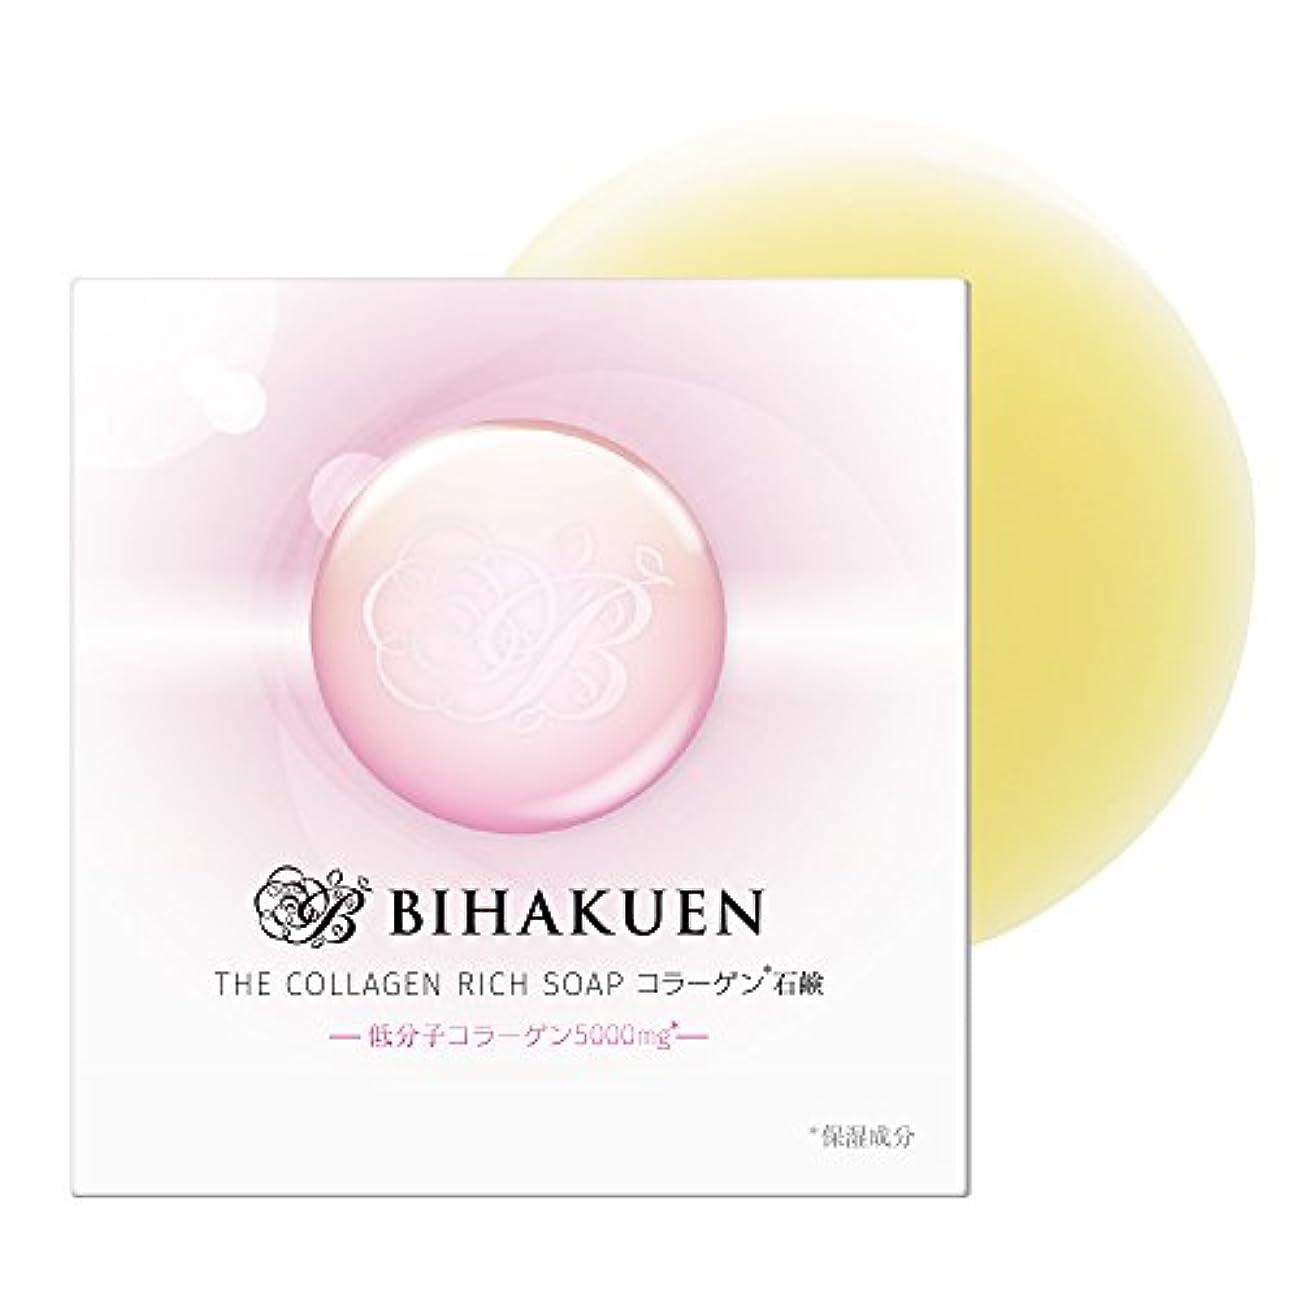 形それから塗抹(BIHAKUEN)コラーゲン石鹸100g (1個)